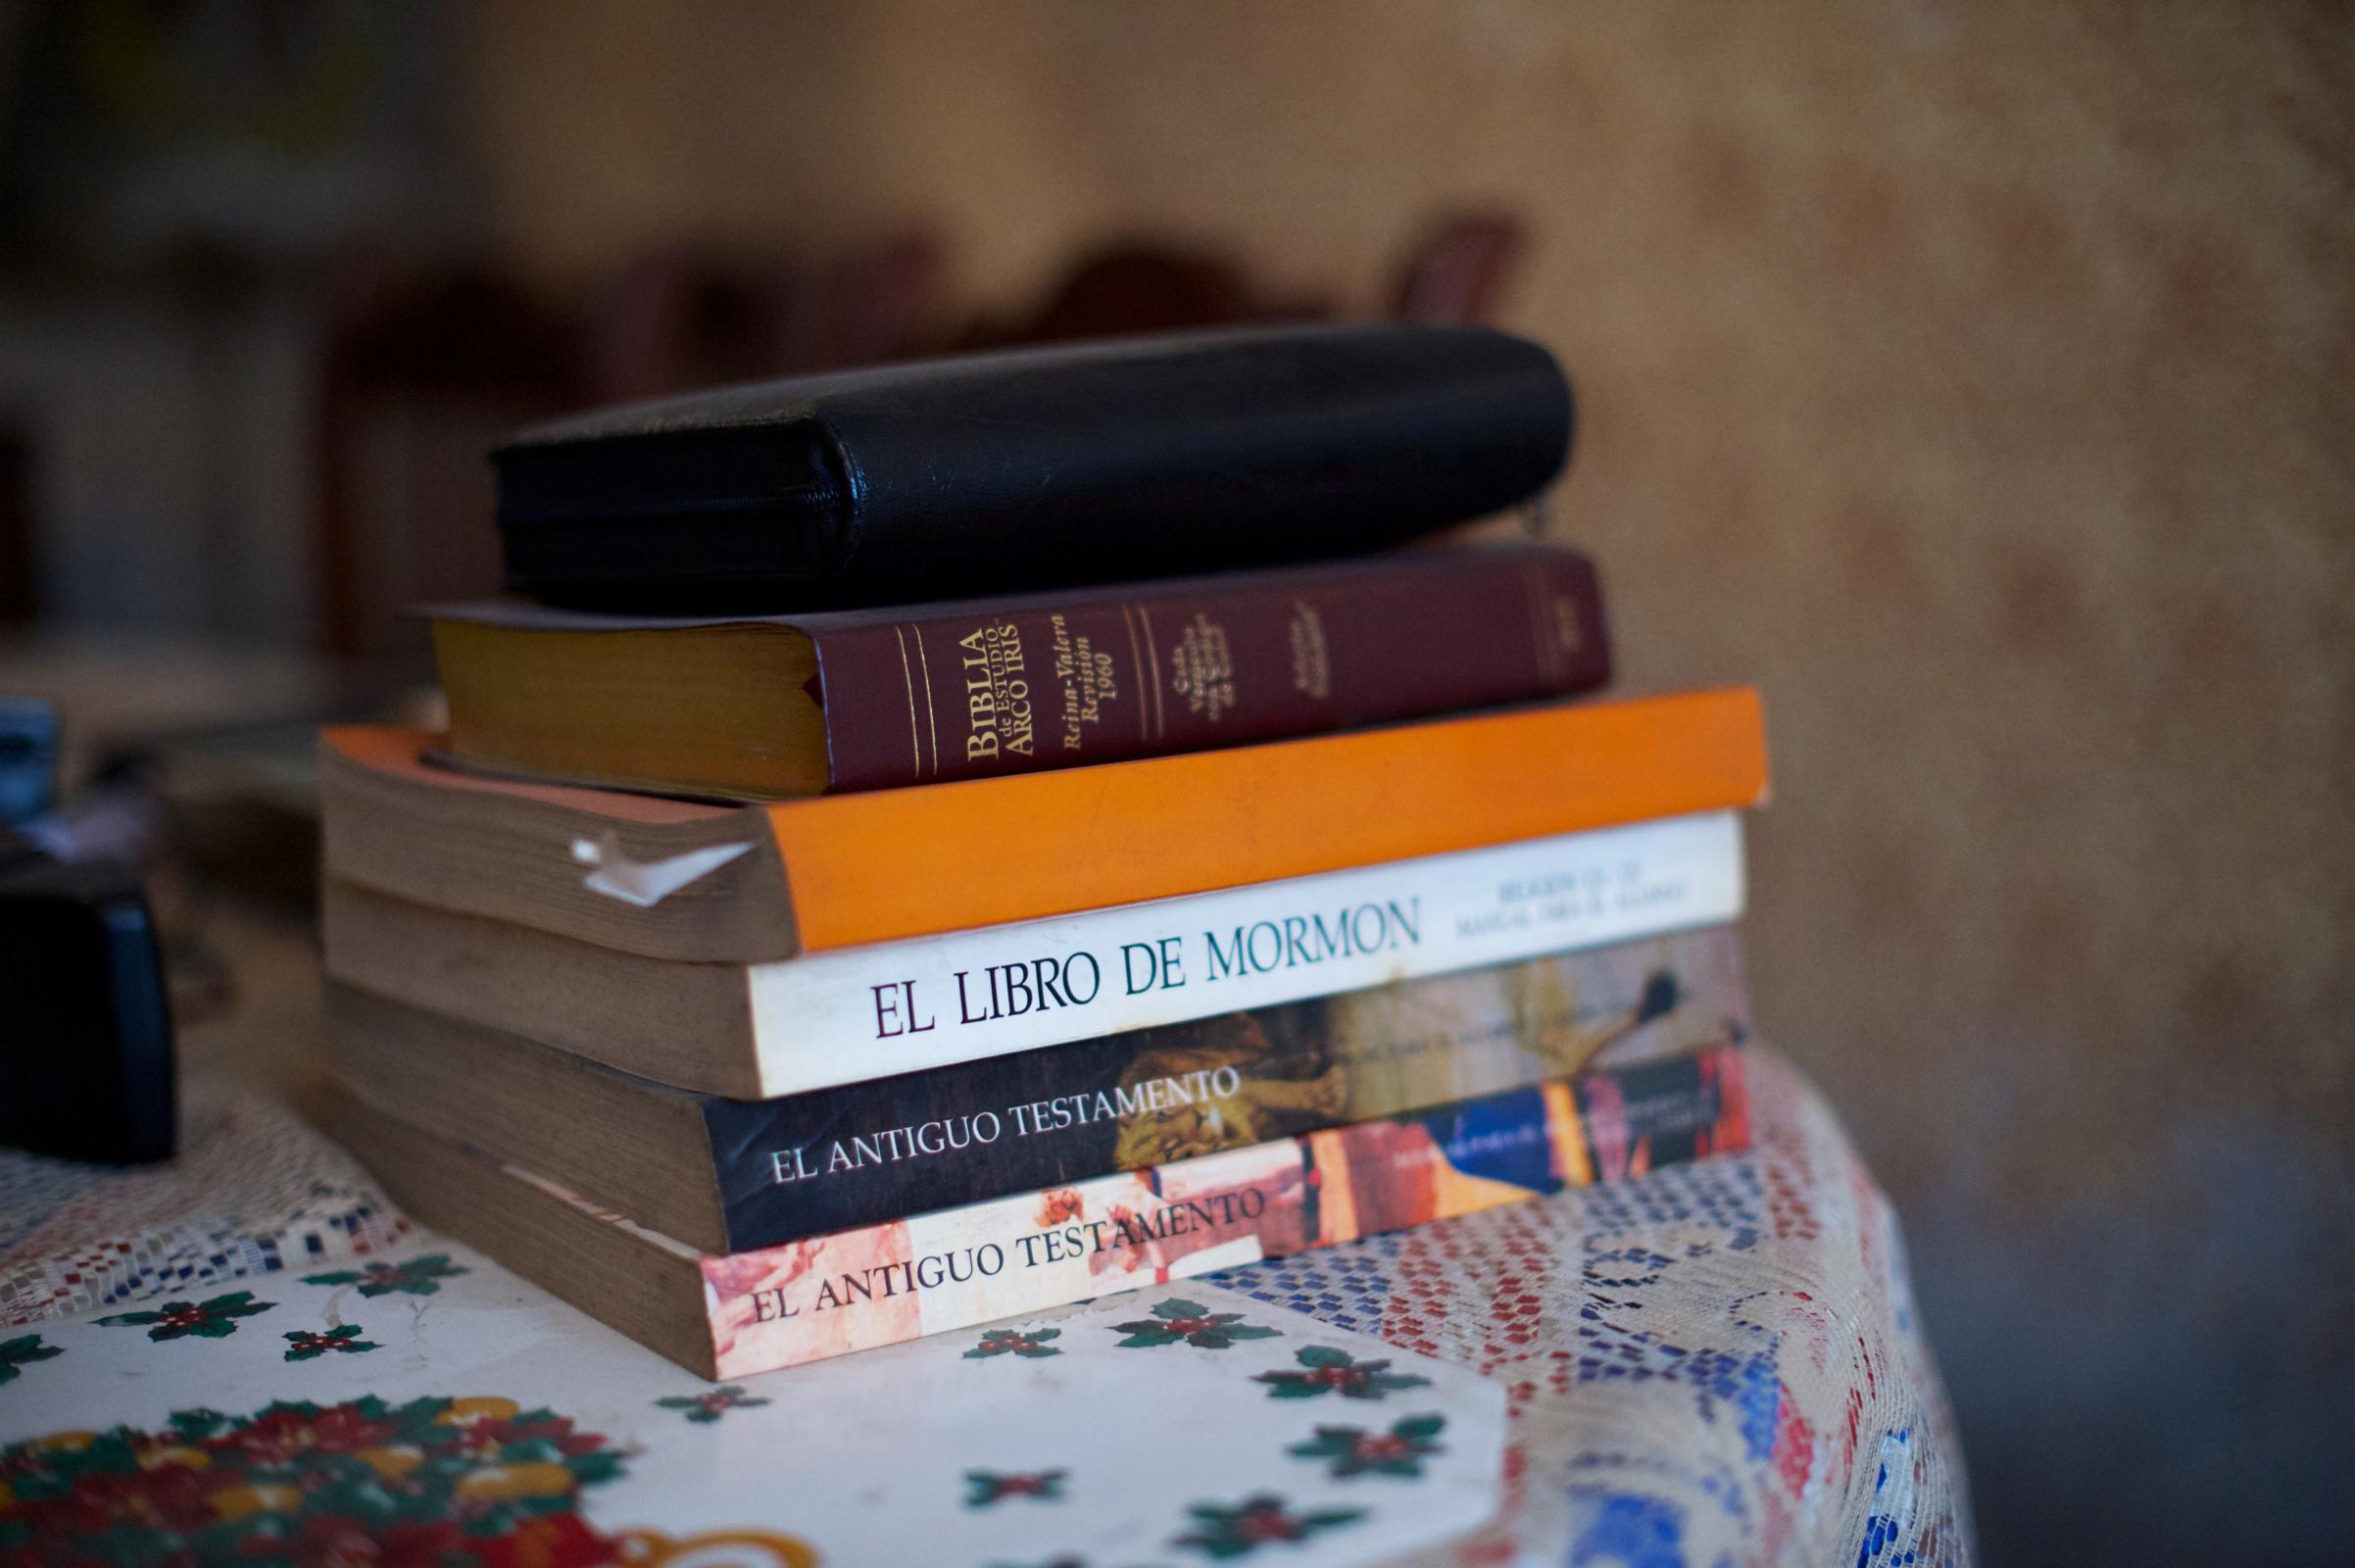 Spanish Study Materials